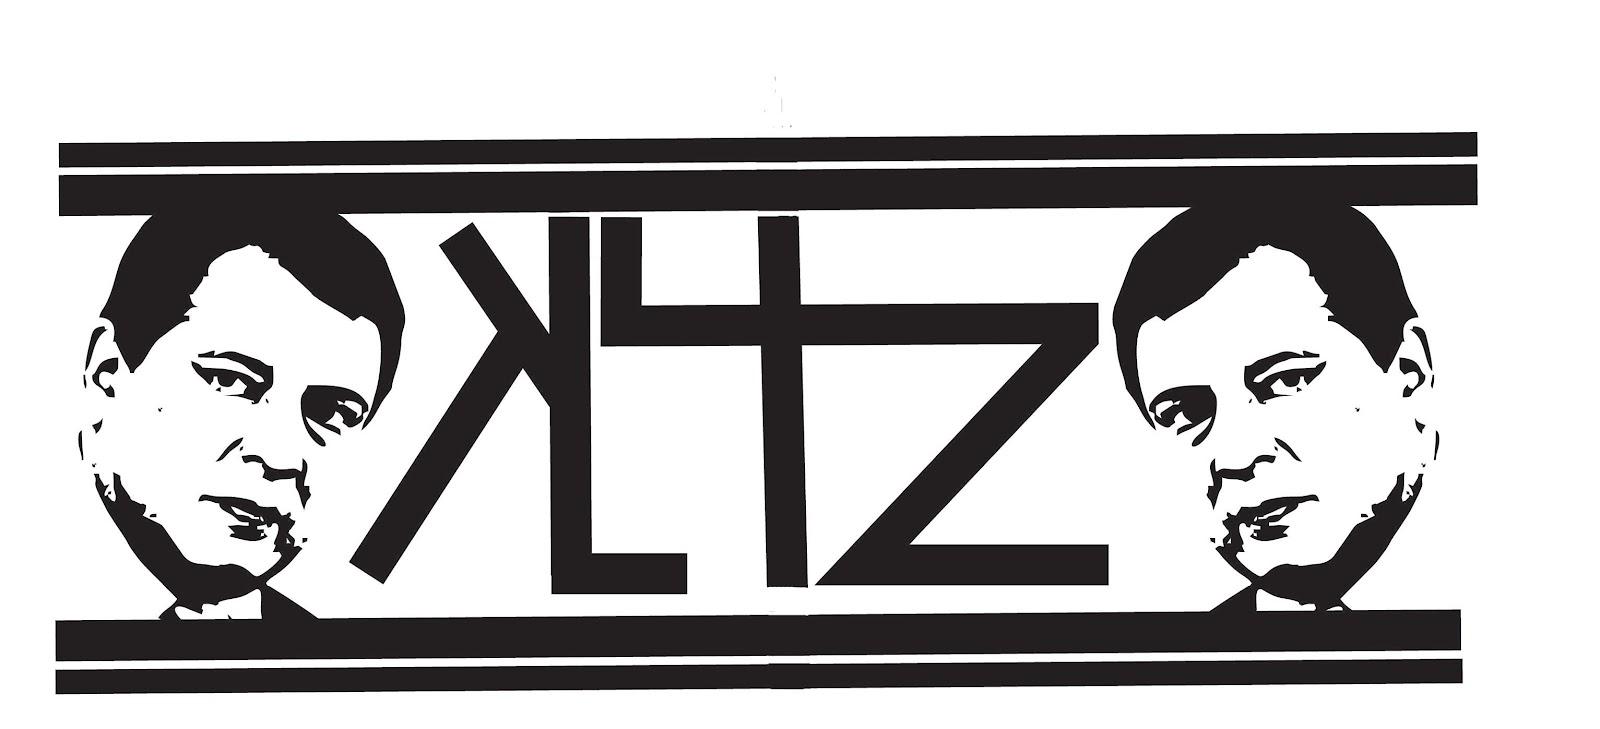 http://1.bp.blogspot.com/-OGL-Co7AOuk/T8tmaTc0KTI/AAAAAAAAAQs/FjEZqWj79LQ/s1600/klutz-logo.jpg